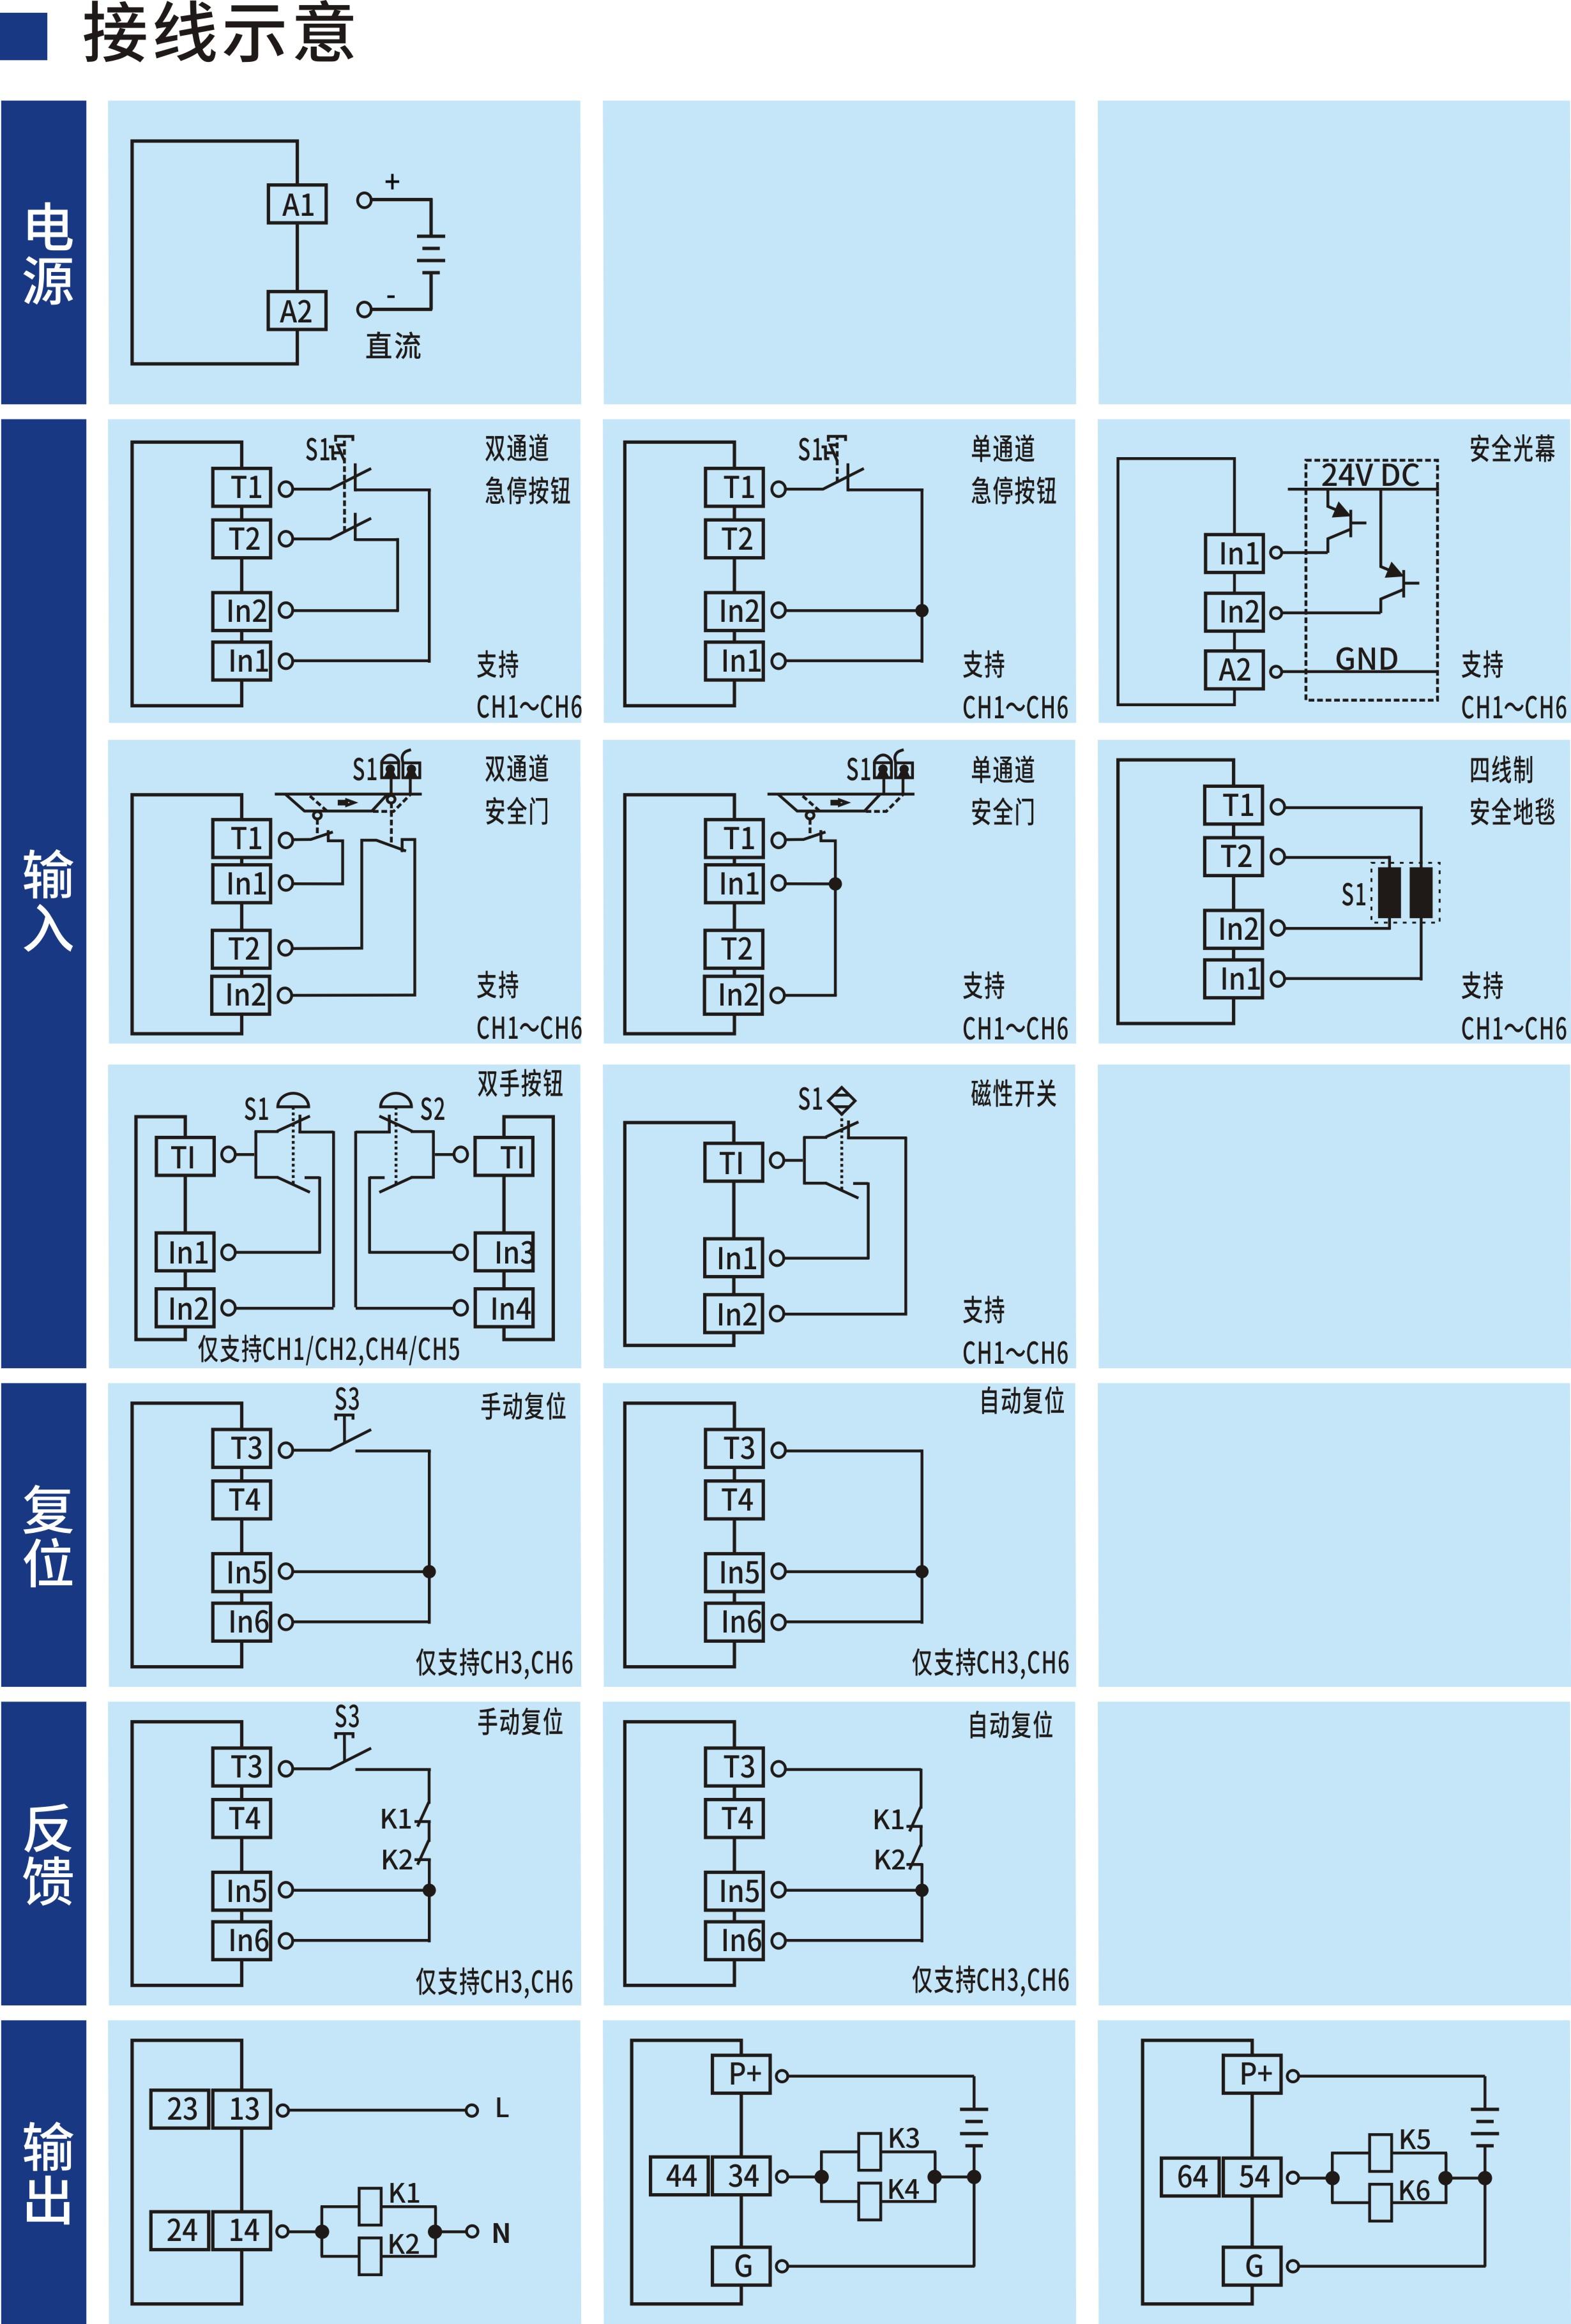 开关型安全设备输入 (复合型可配置 24V DC 2NO+4SO 通用复位)